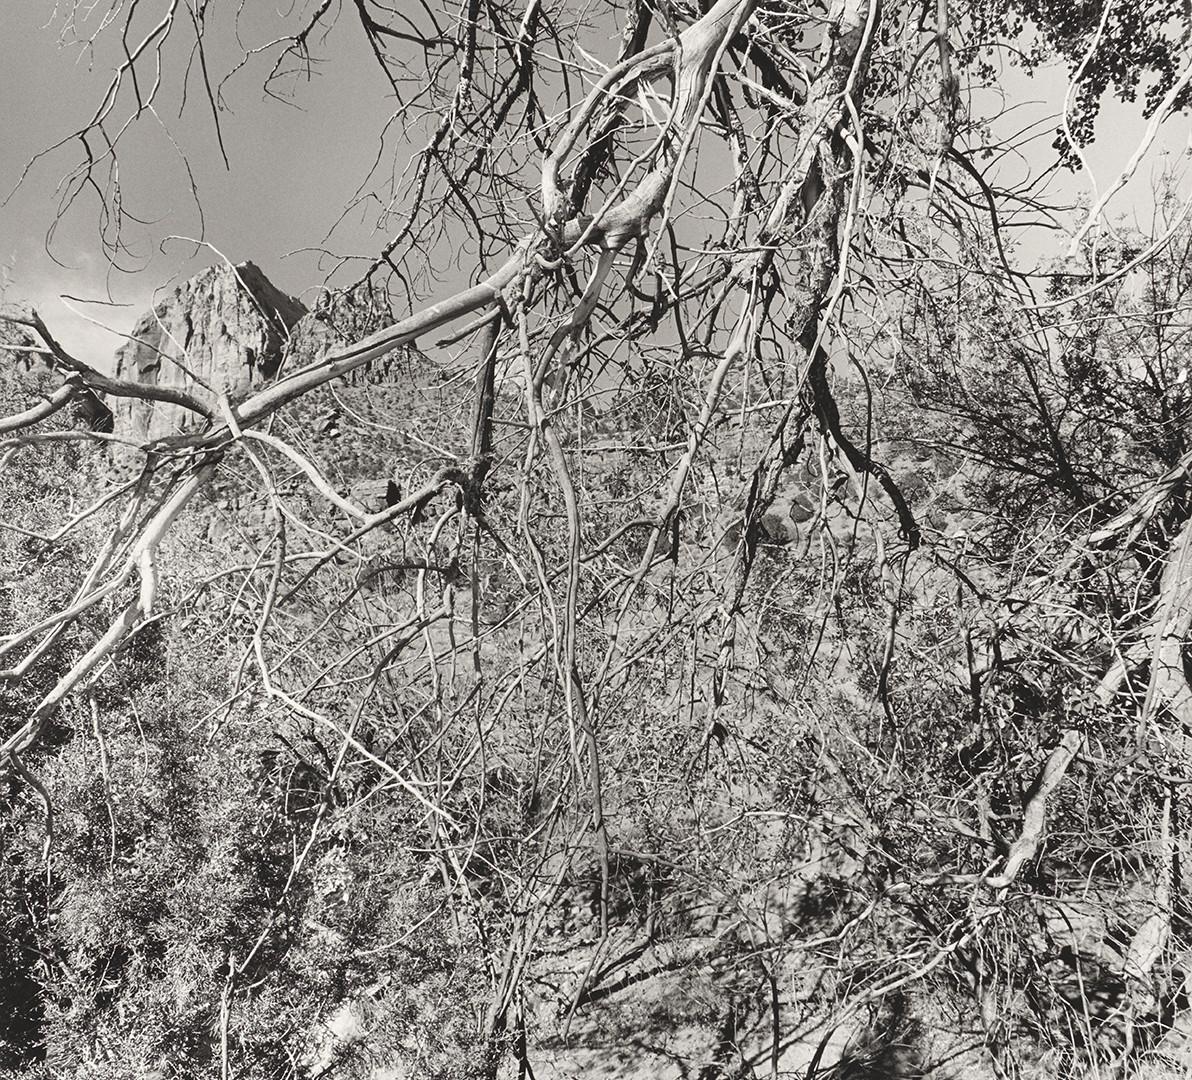 Lee Friedlander, Zion National Park, Utah, 2003